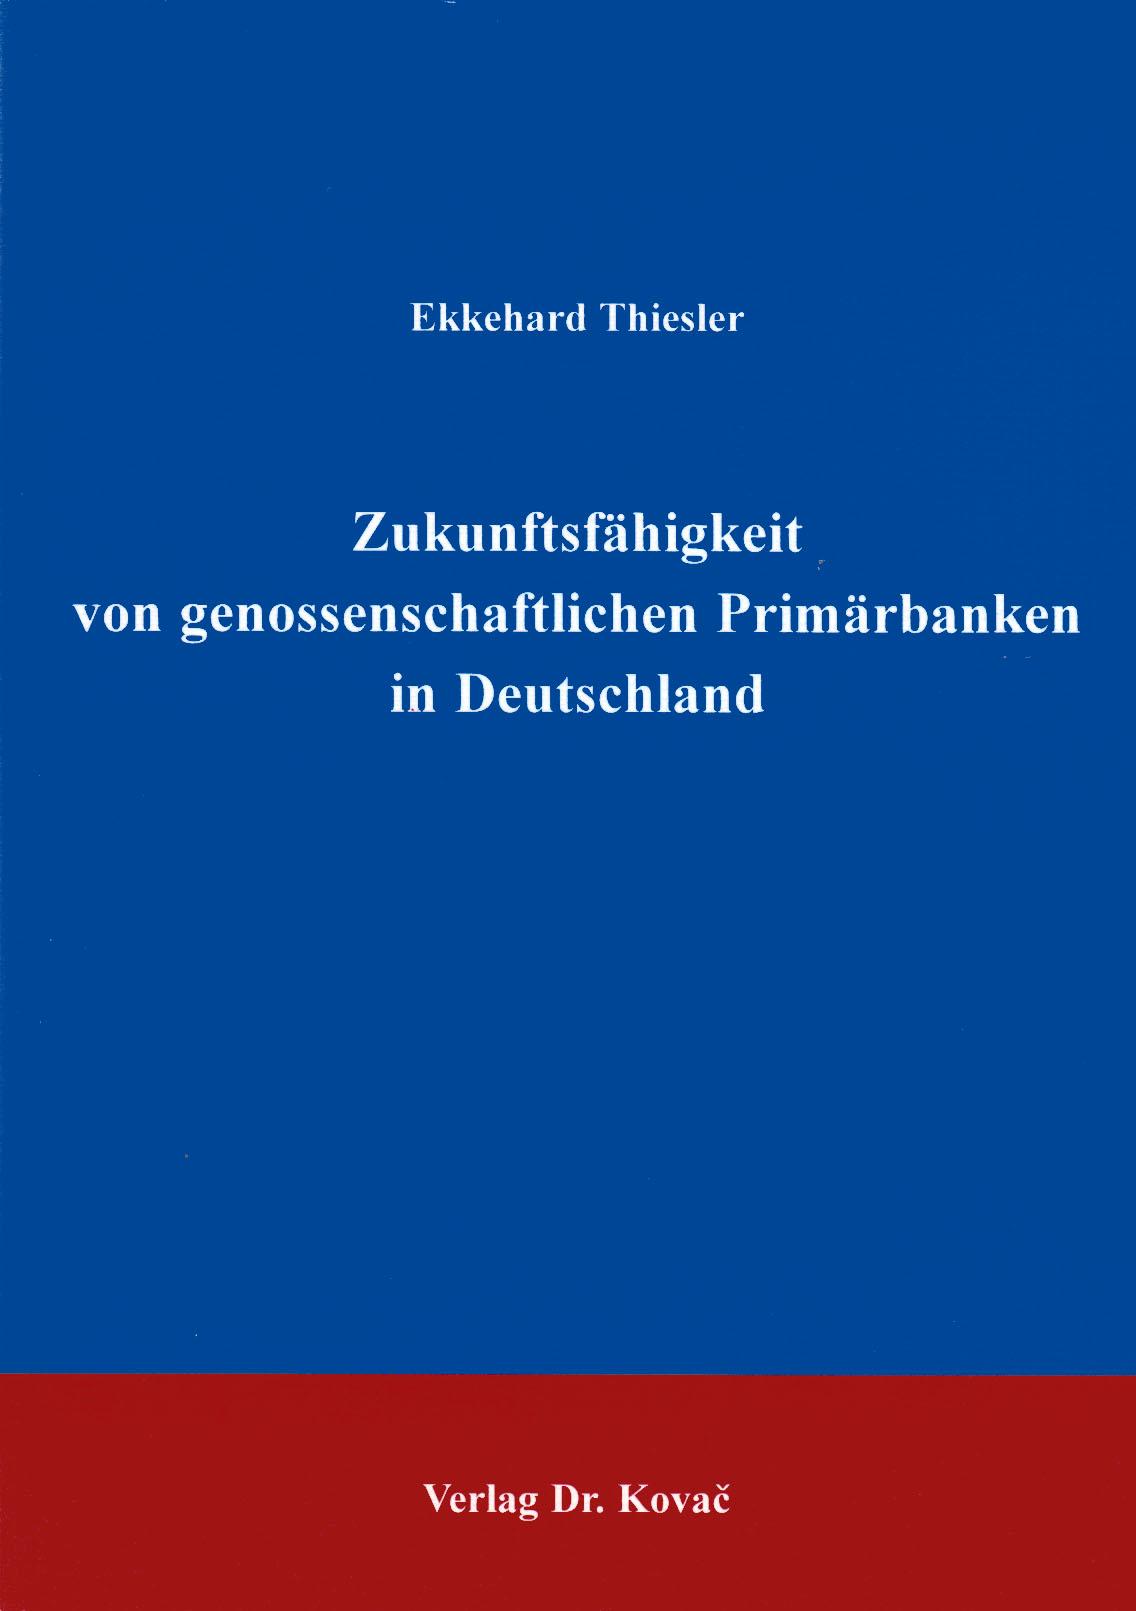 Cover: Zukunftsfähigkeit von genossenschaftlichen Primärbanken in Deutschland